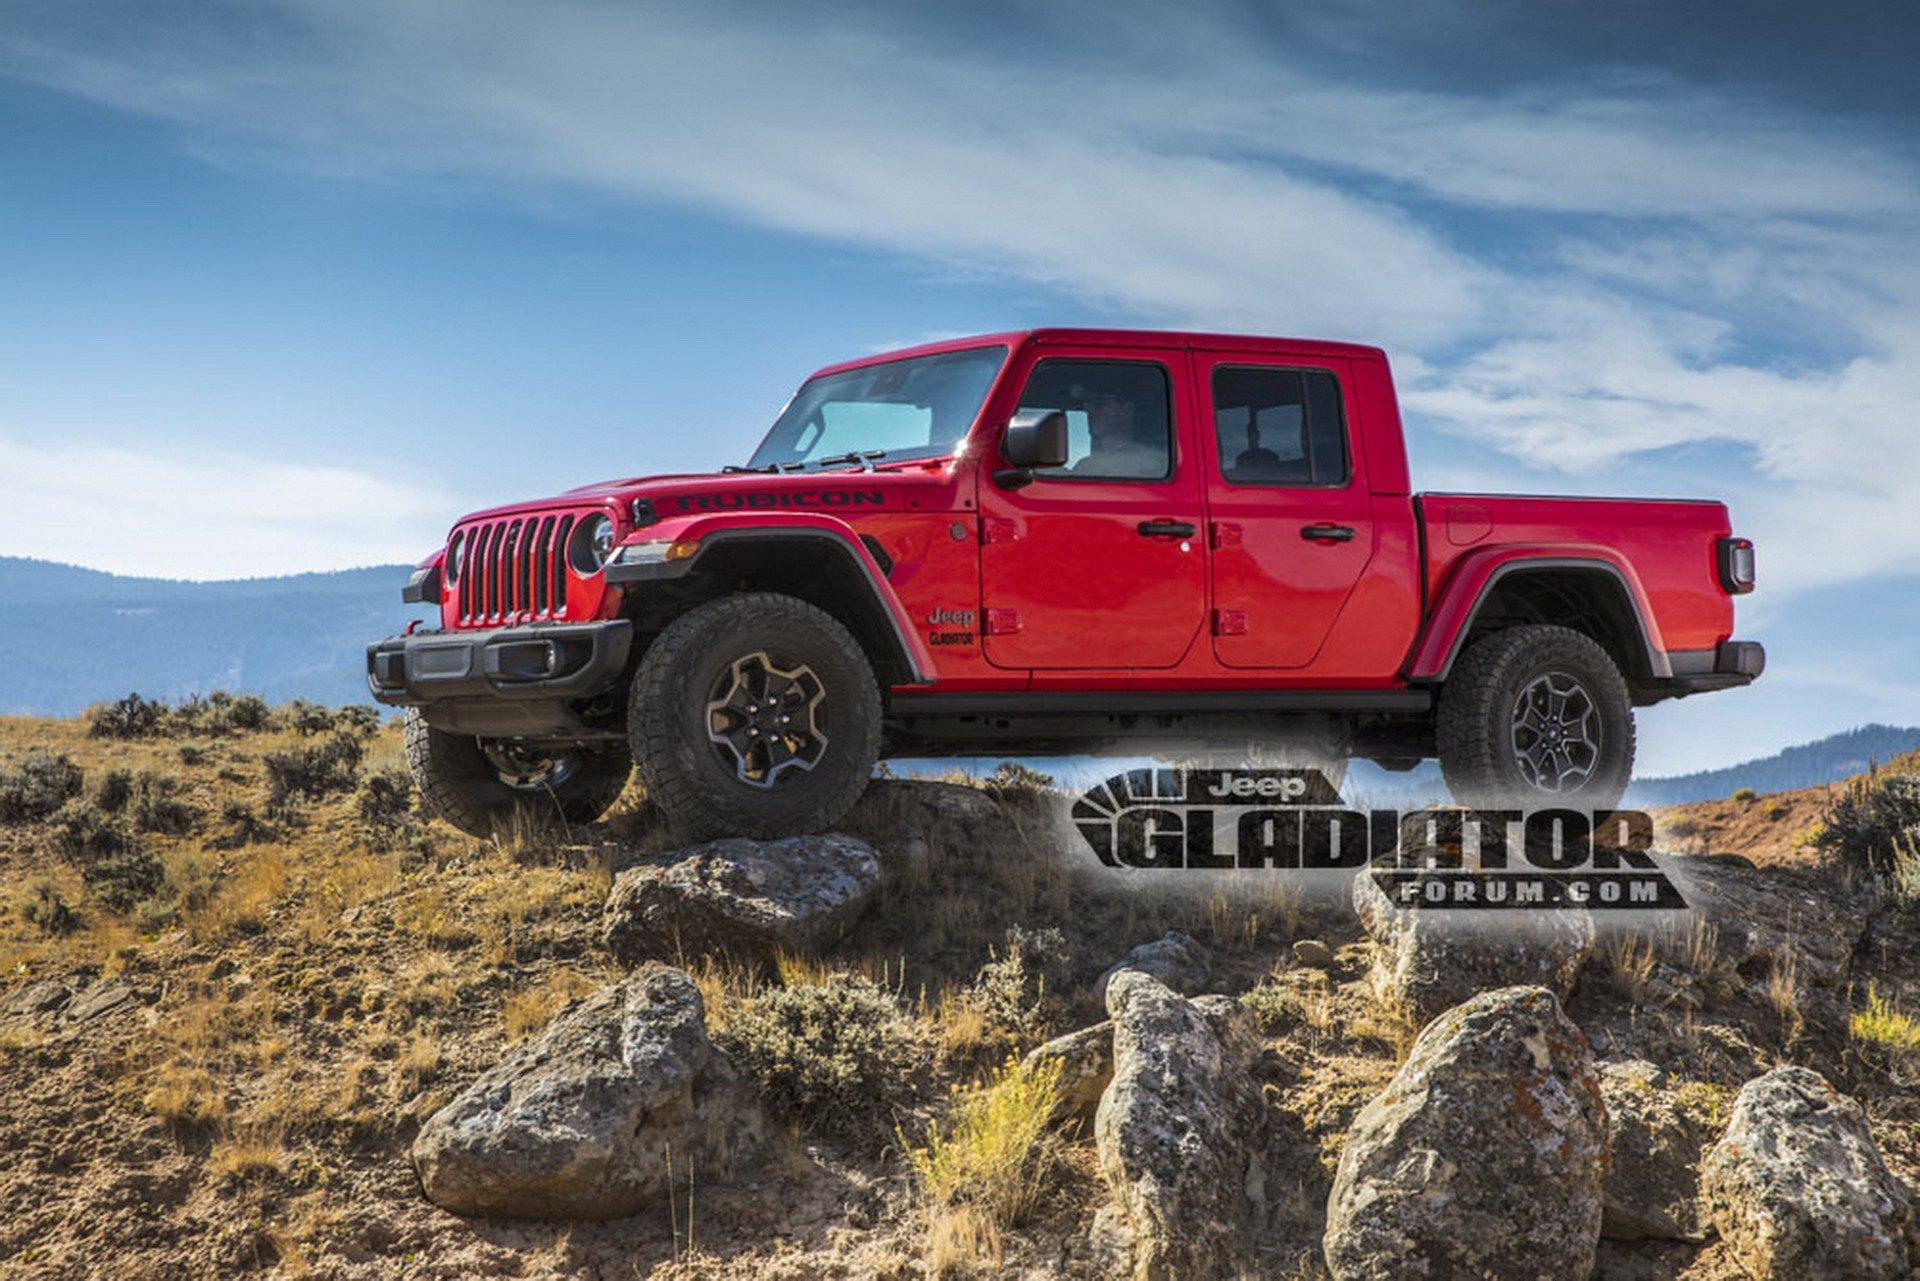 Jeep Gladiator Wrangler Pick Up Dm 3